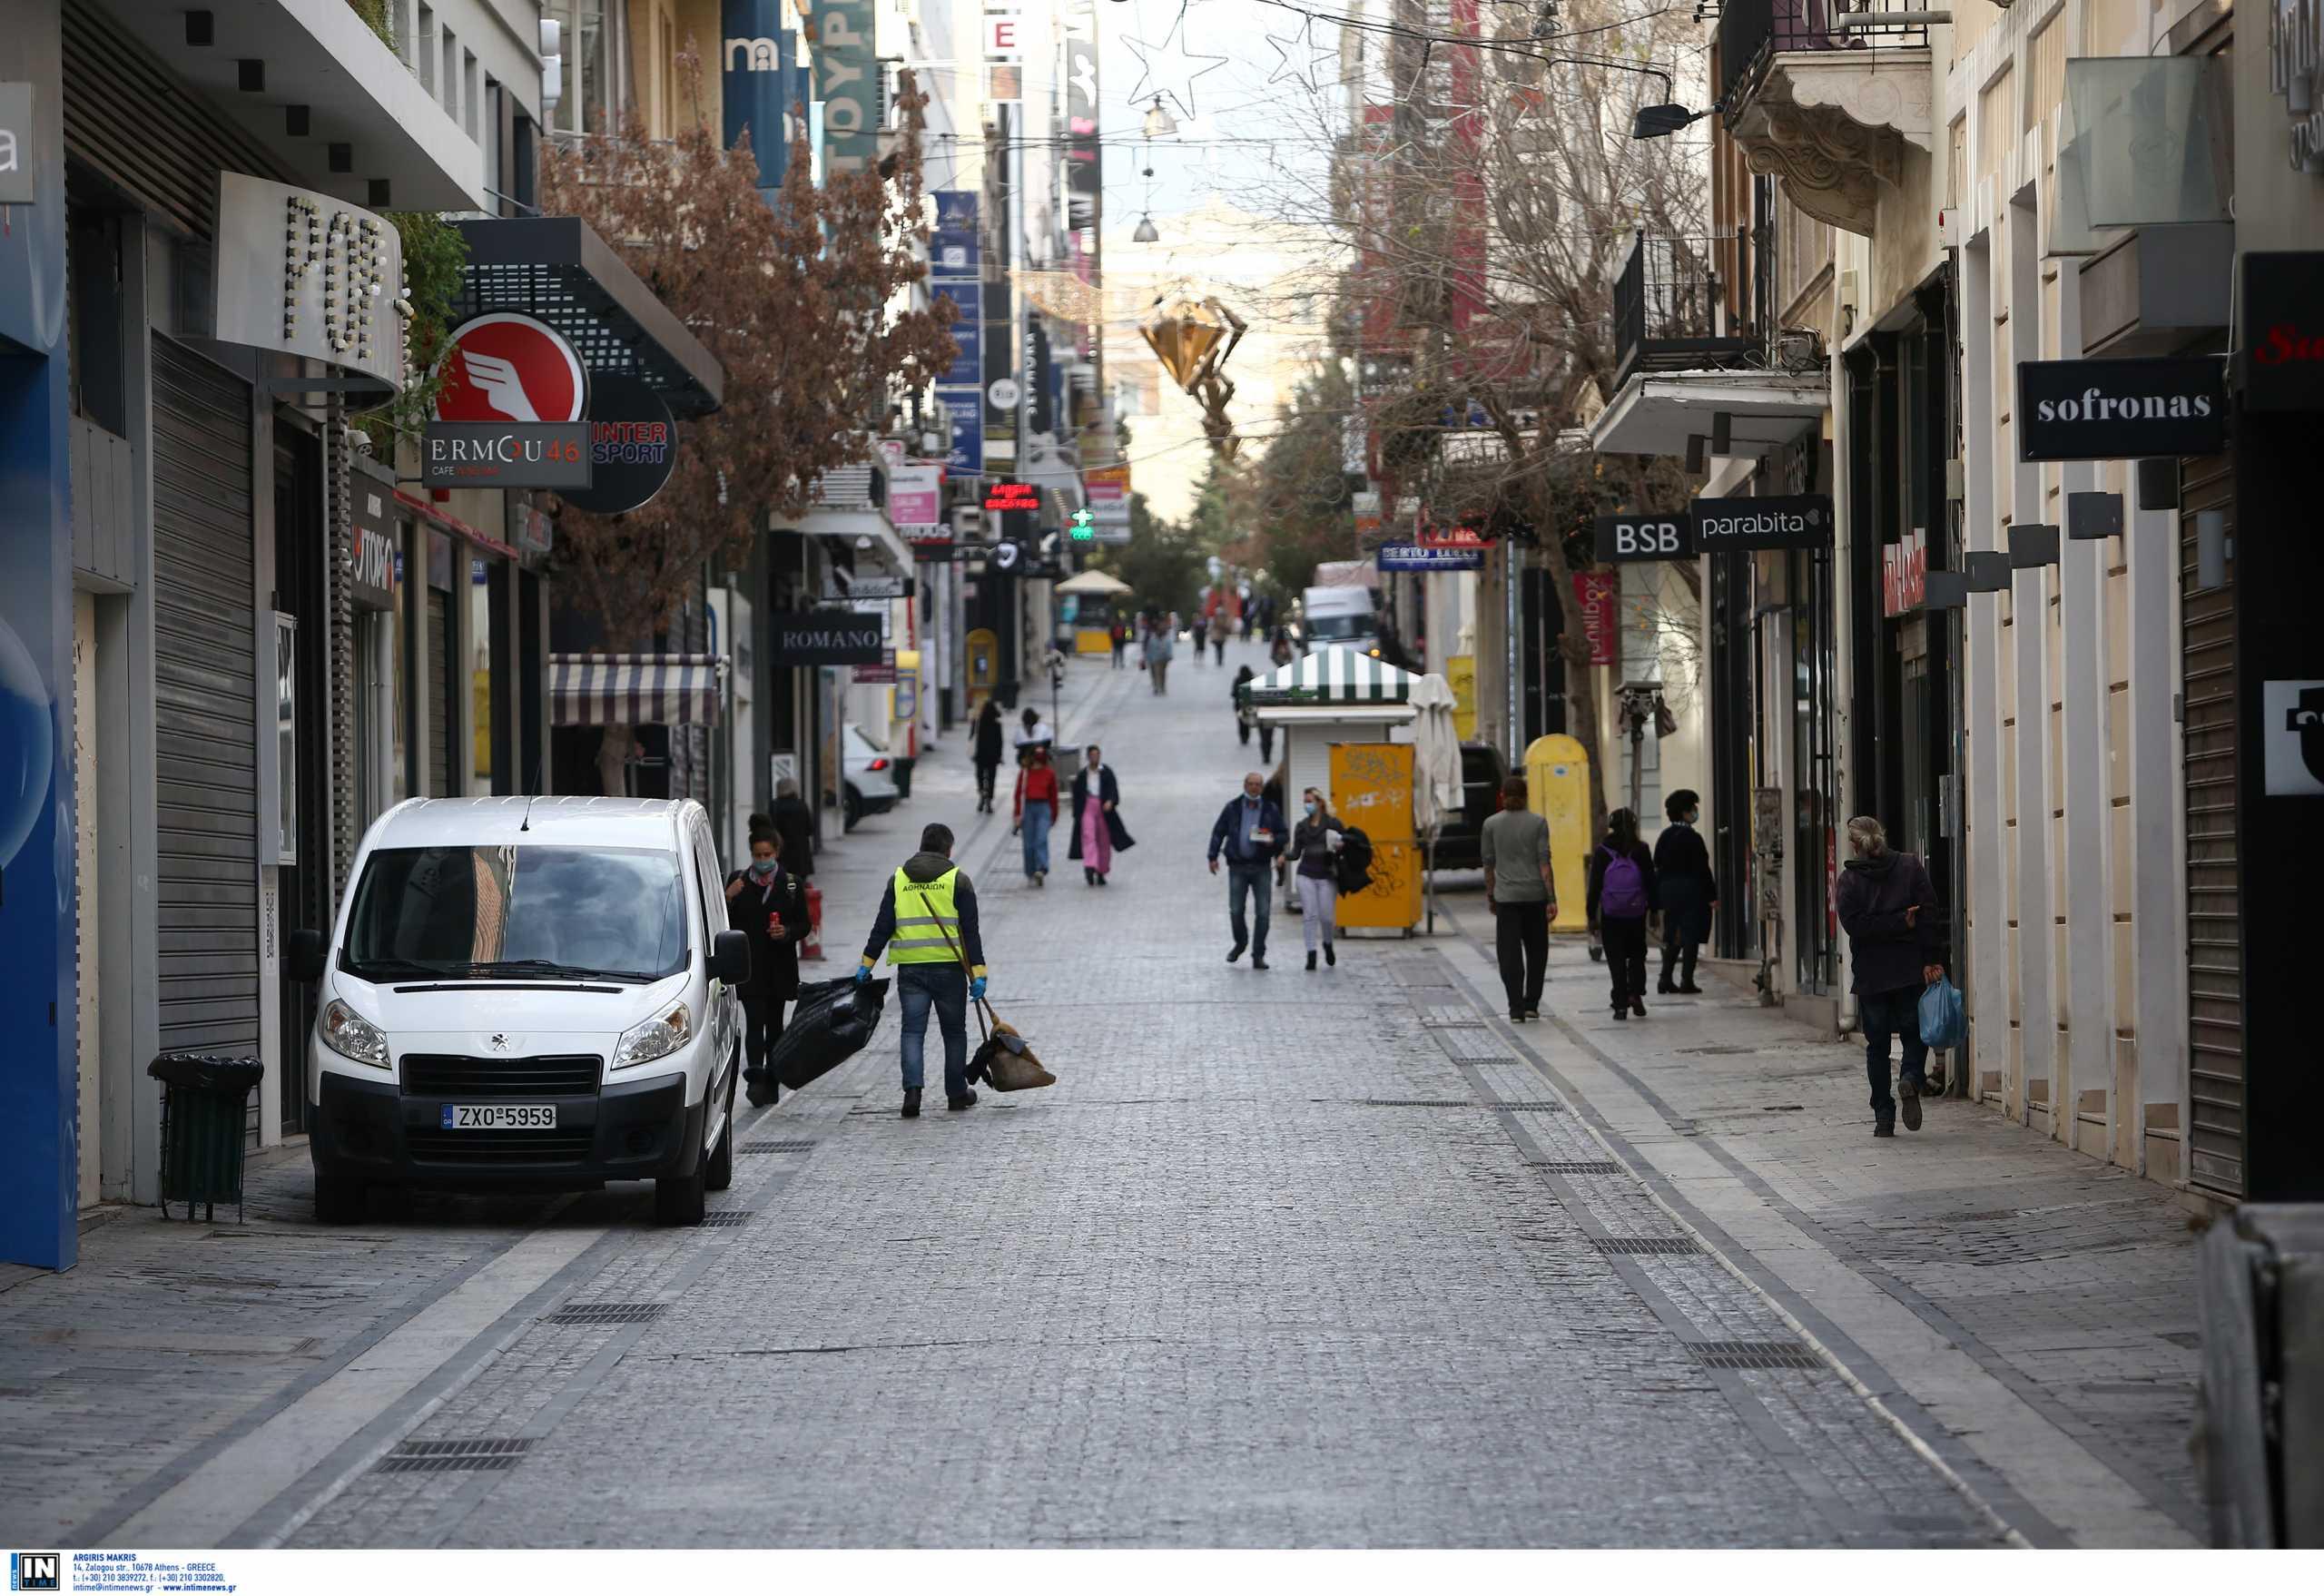 Βατόπουλος για lockdown: Πρέπει να υπάρξει αλλαγή στρατηγικής (vid)